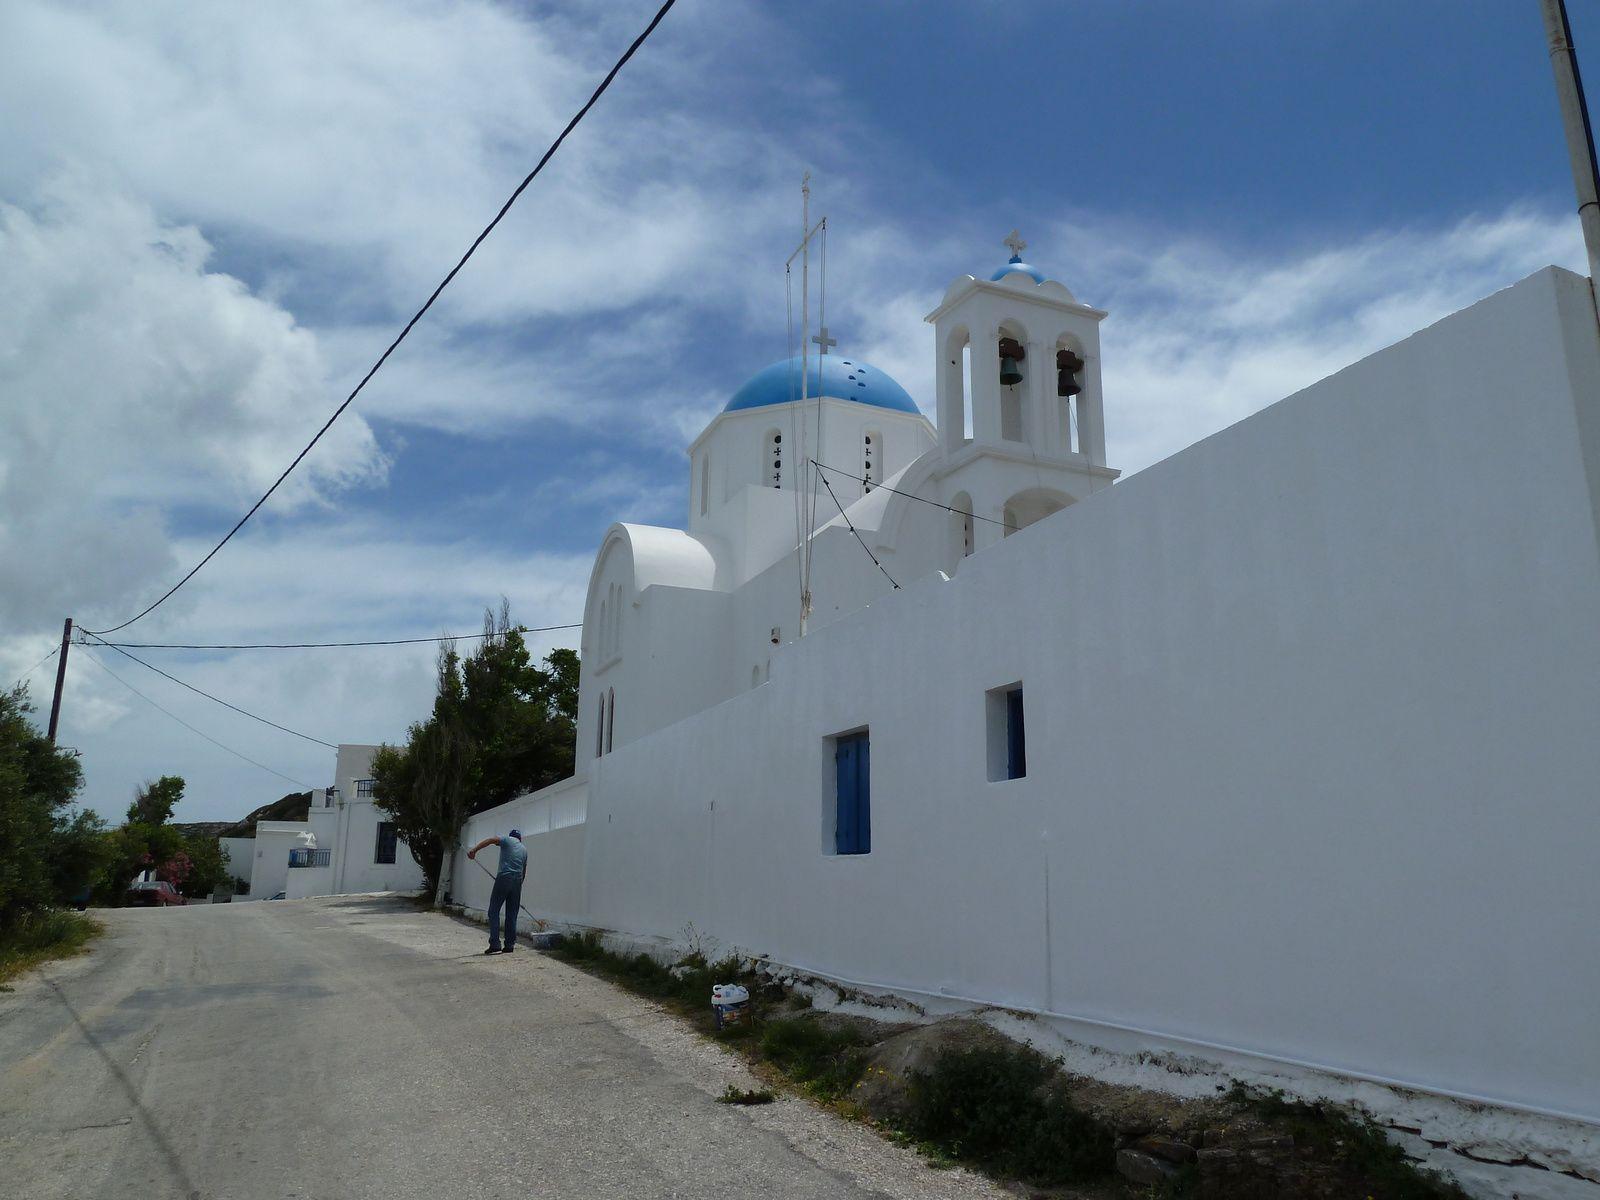 Nous quittons Lagada pour le sur de l'île, nous sommes attirés par une activité à l'intérieur et à l'extérieur de l'église d'Arkisini.